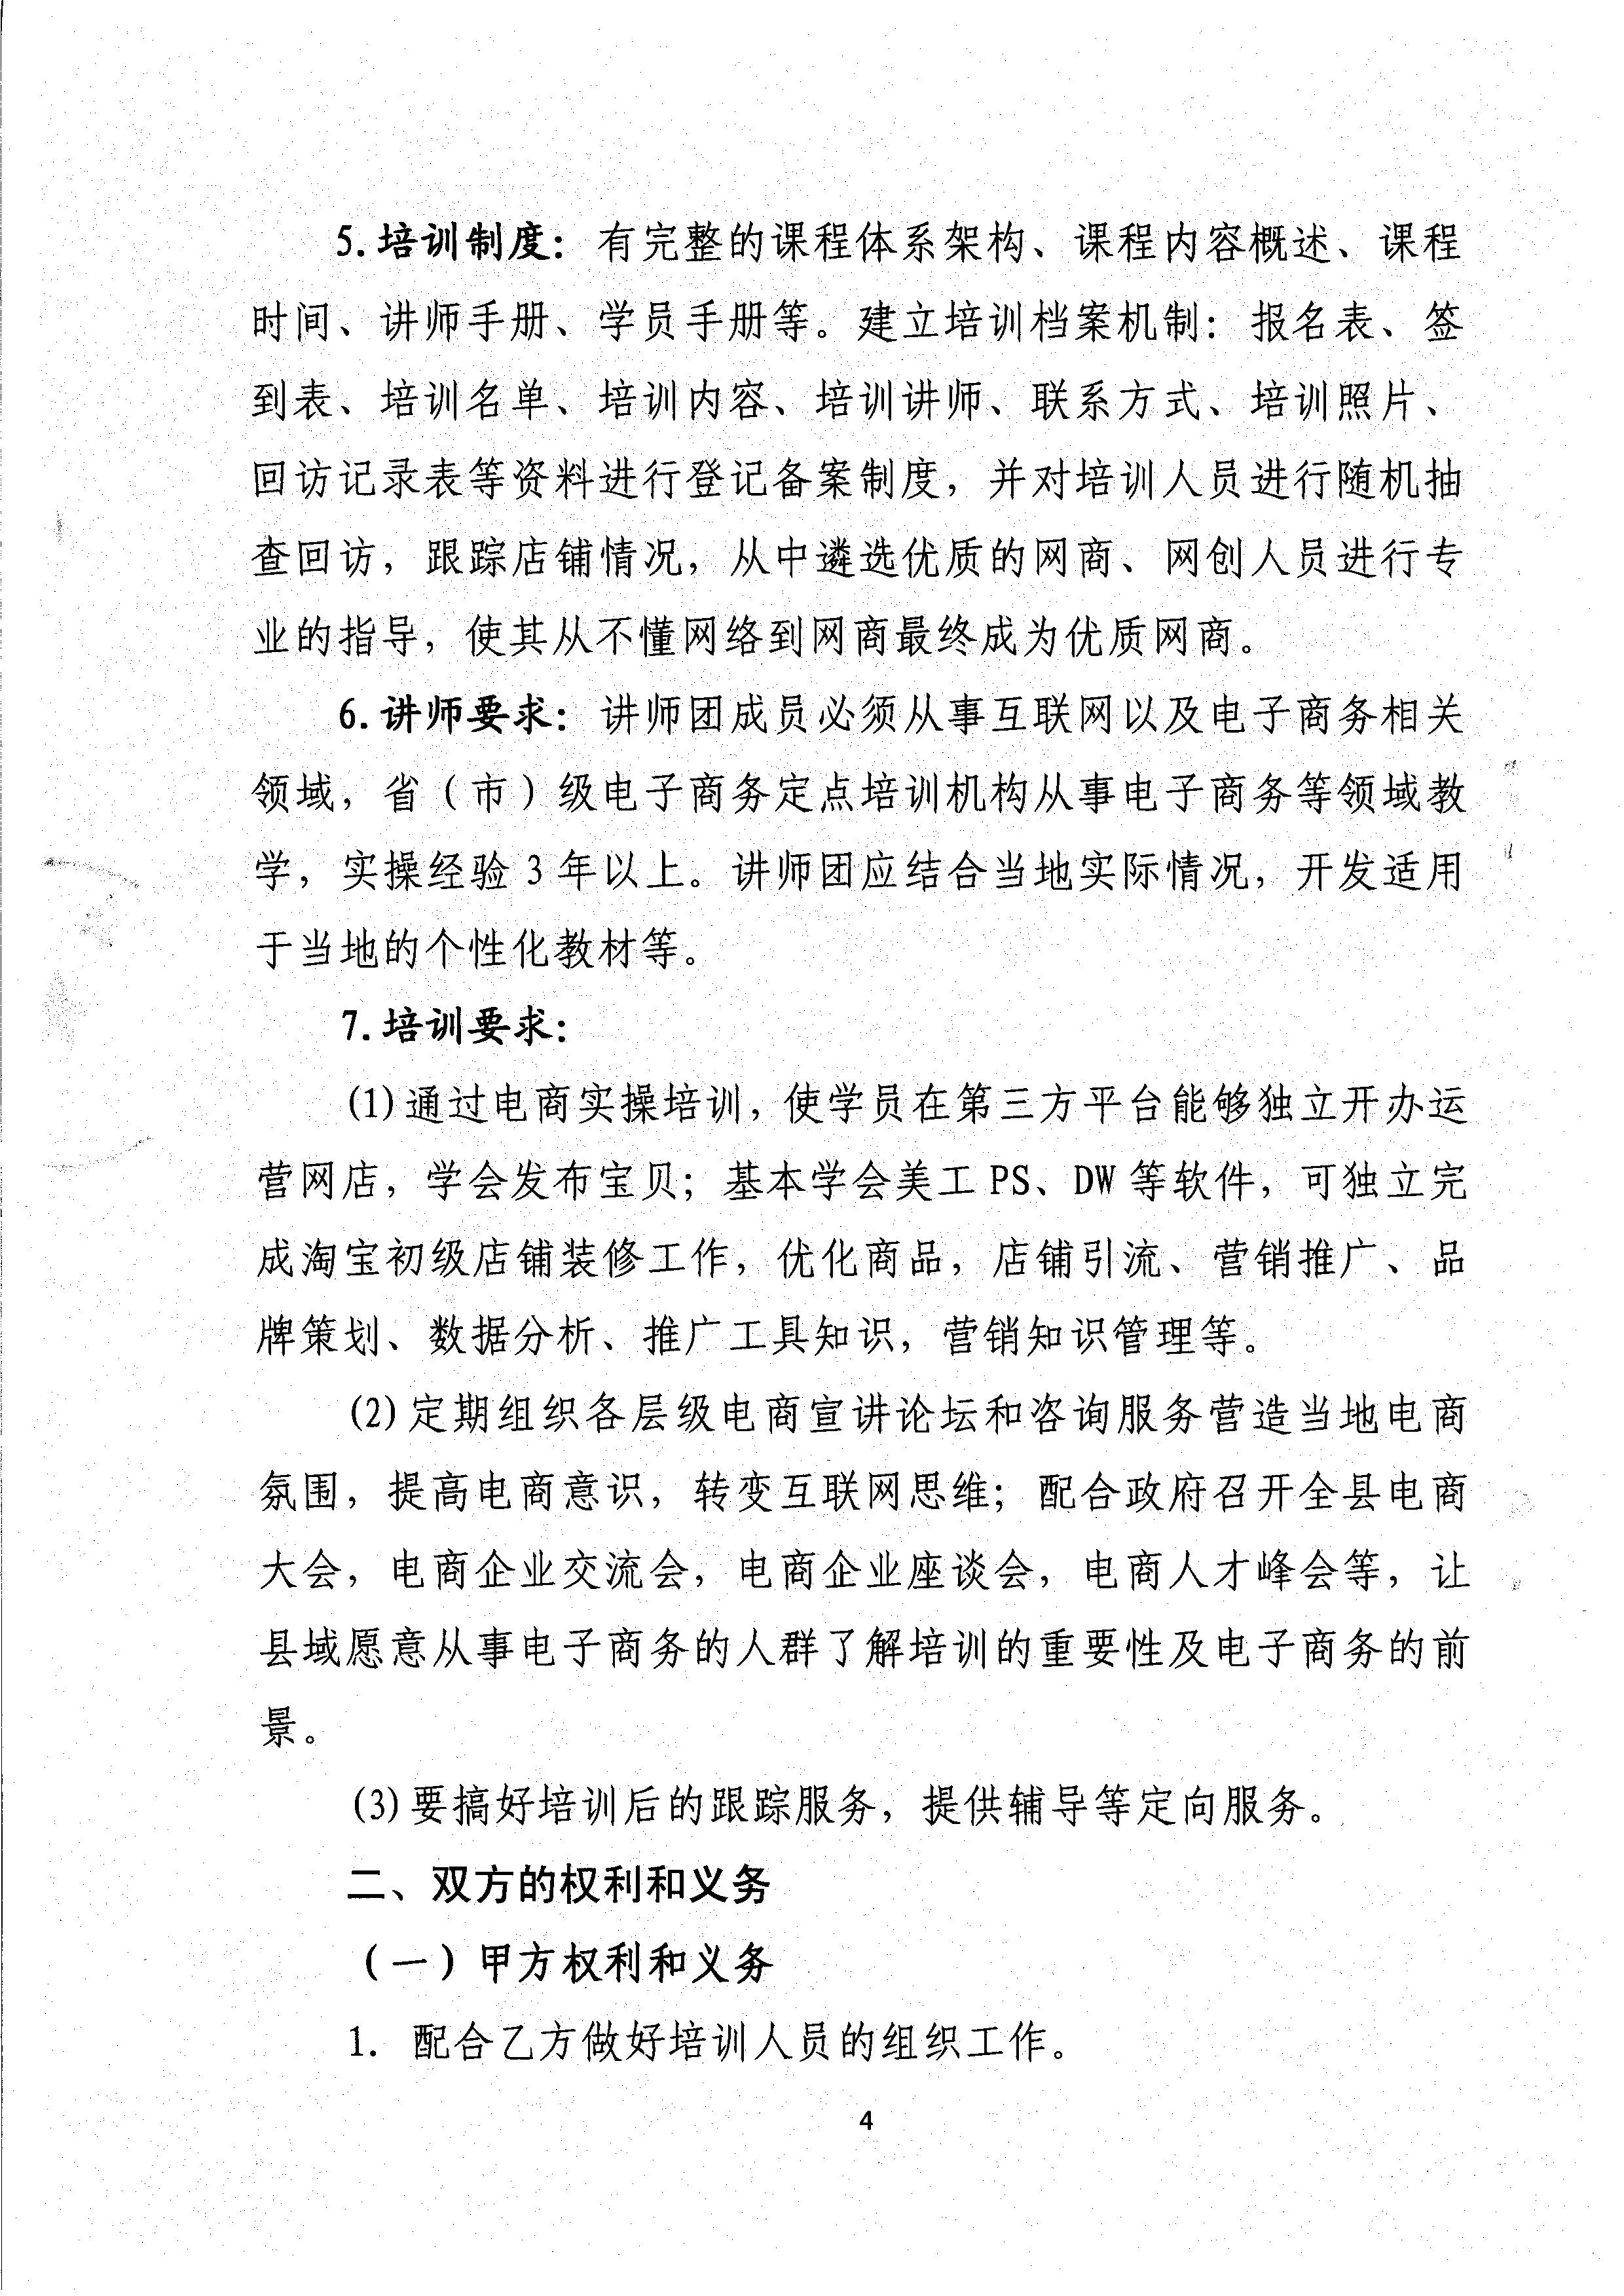 培训合作协议4